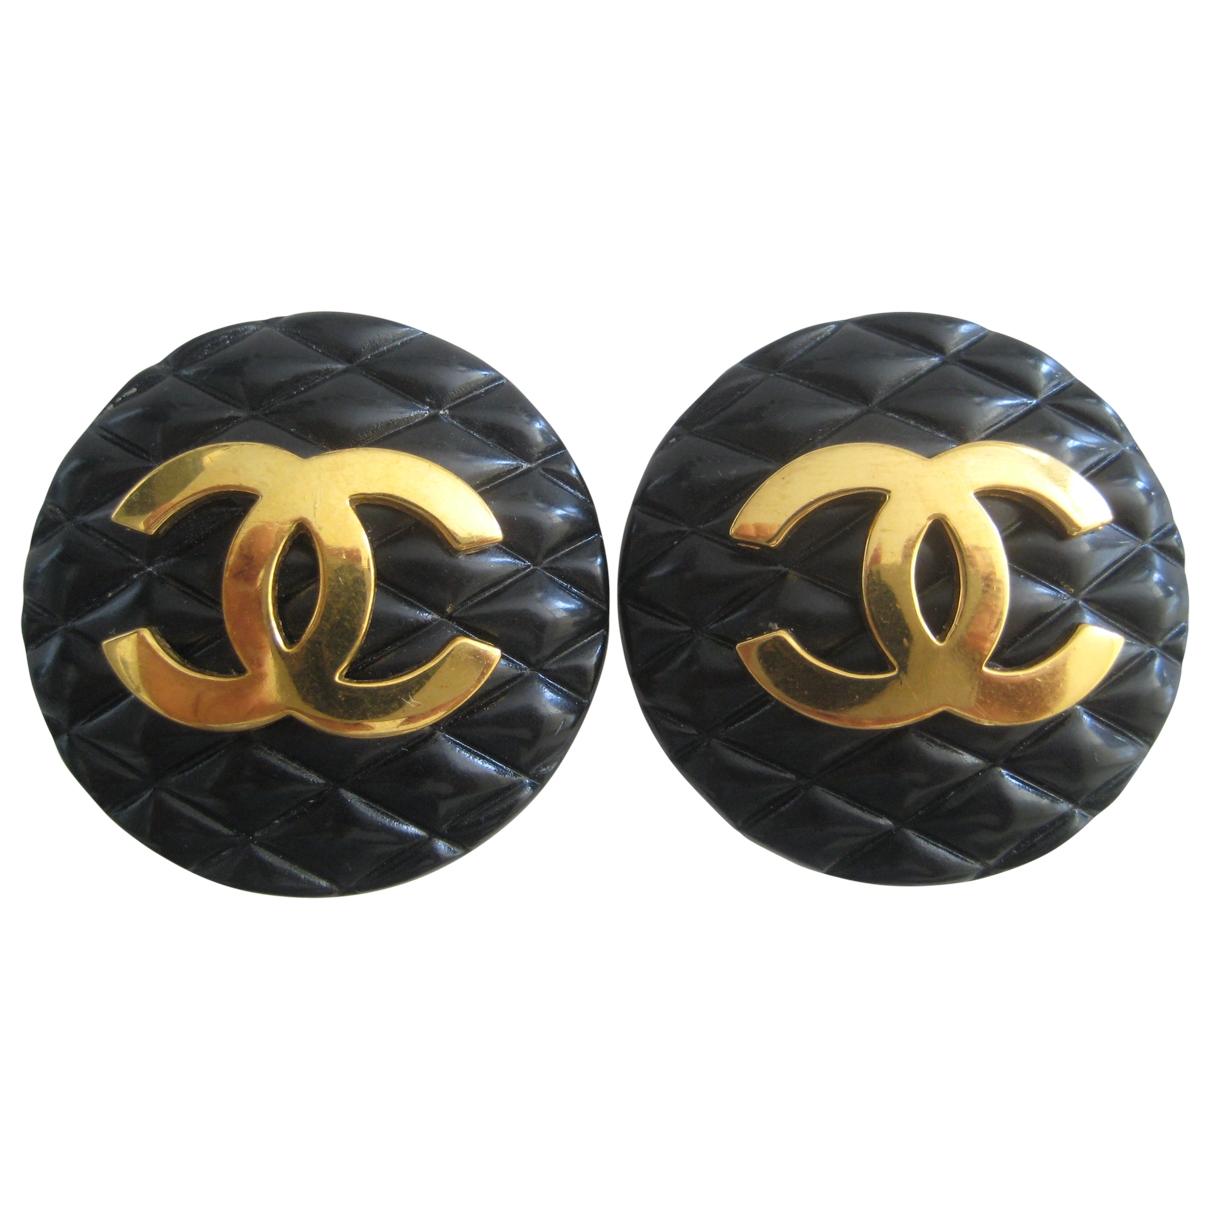 Chanel - Boucles doreilles Matelasse pour femme en plaque or - noir